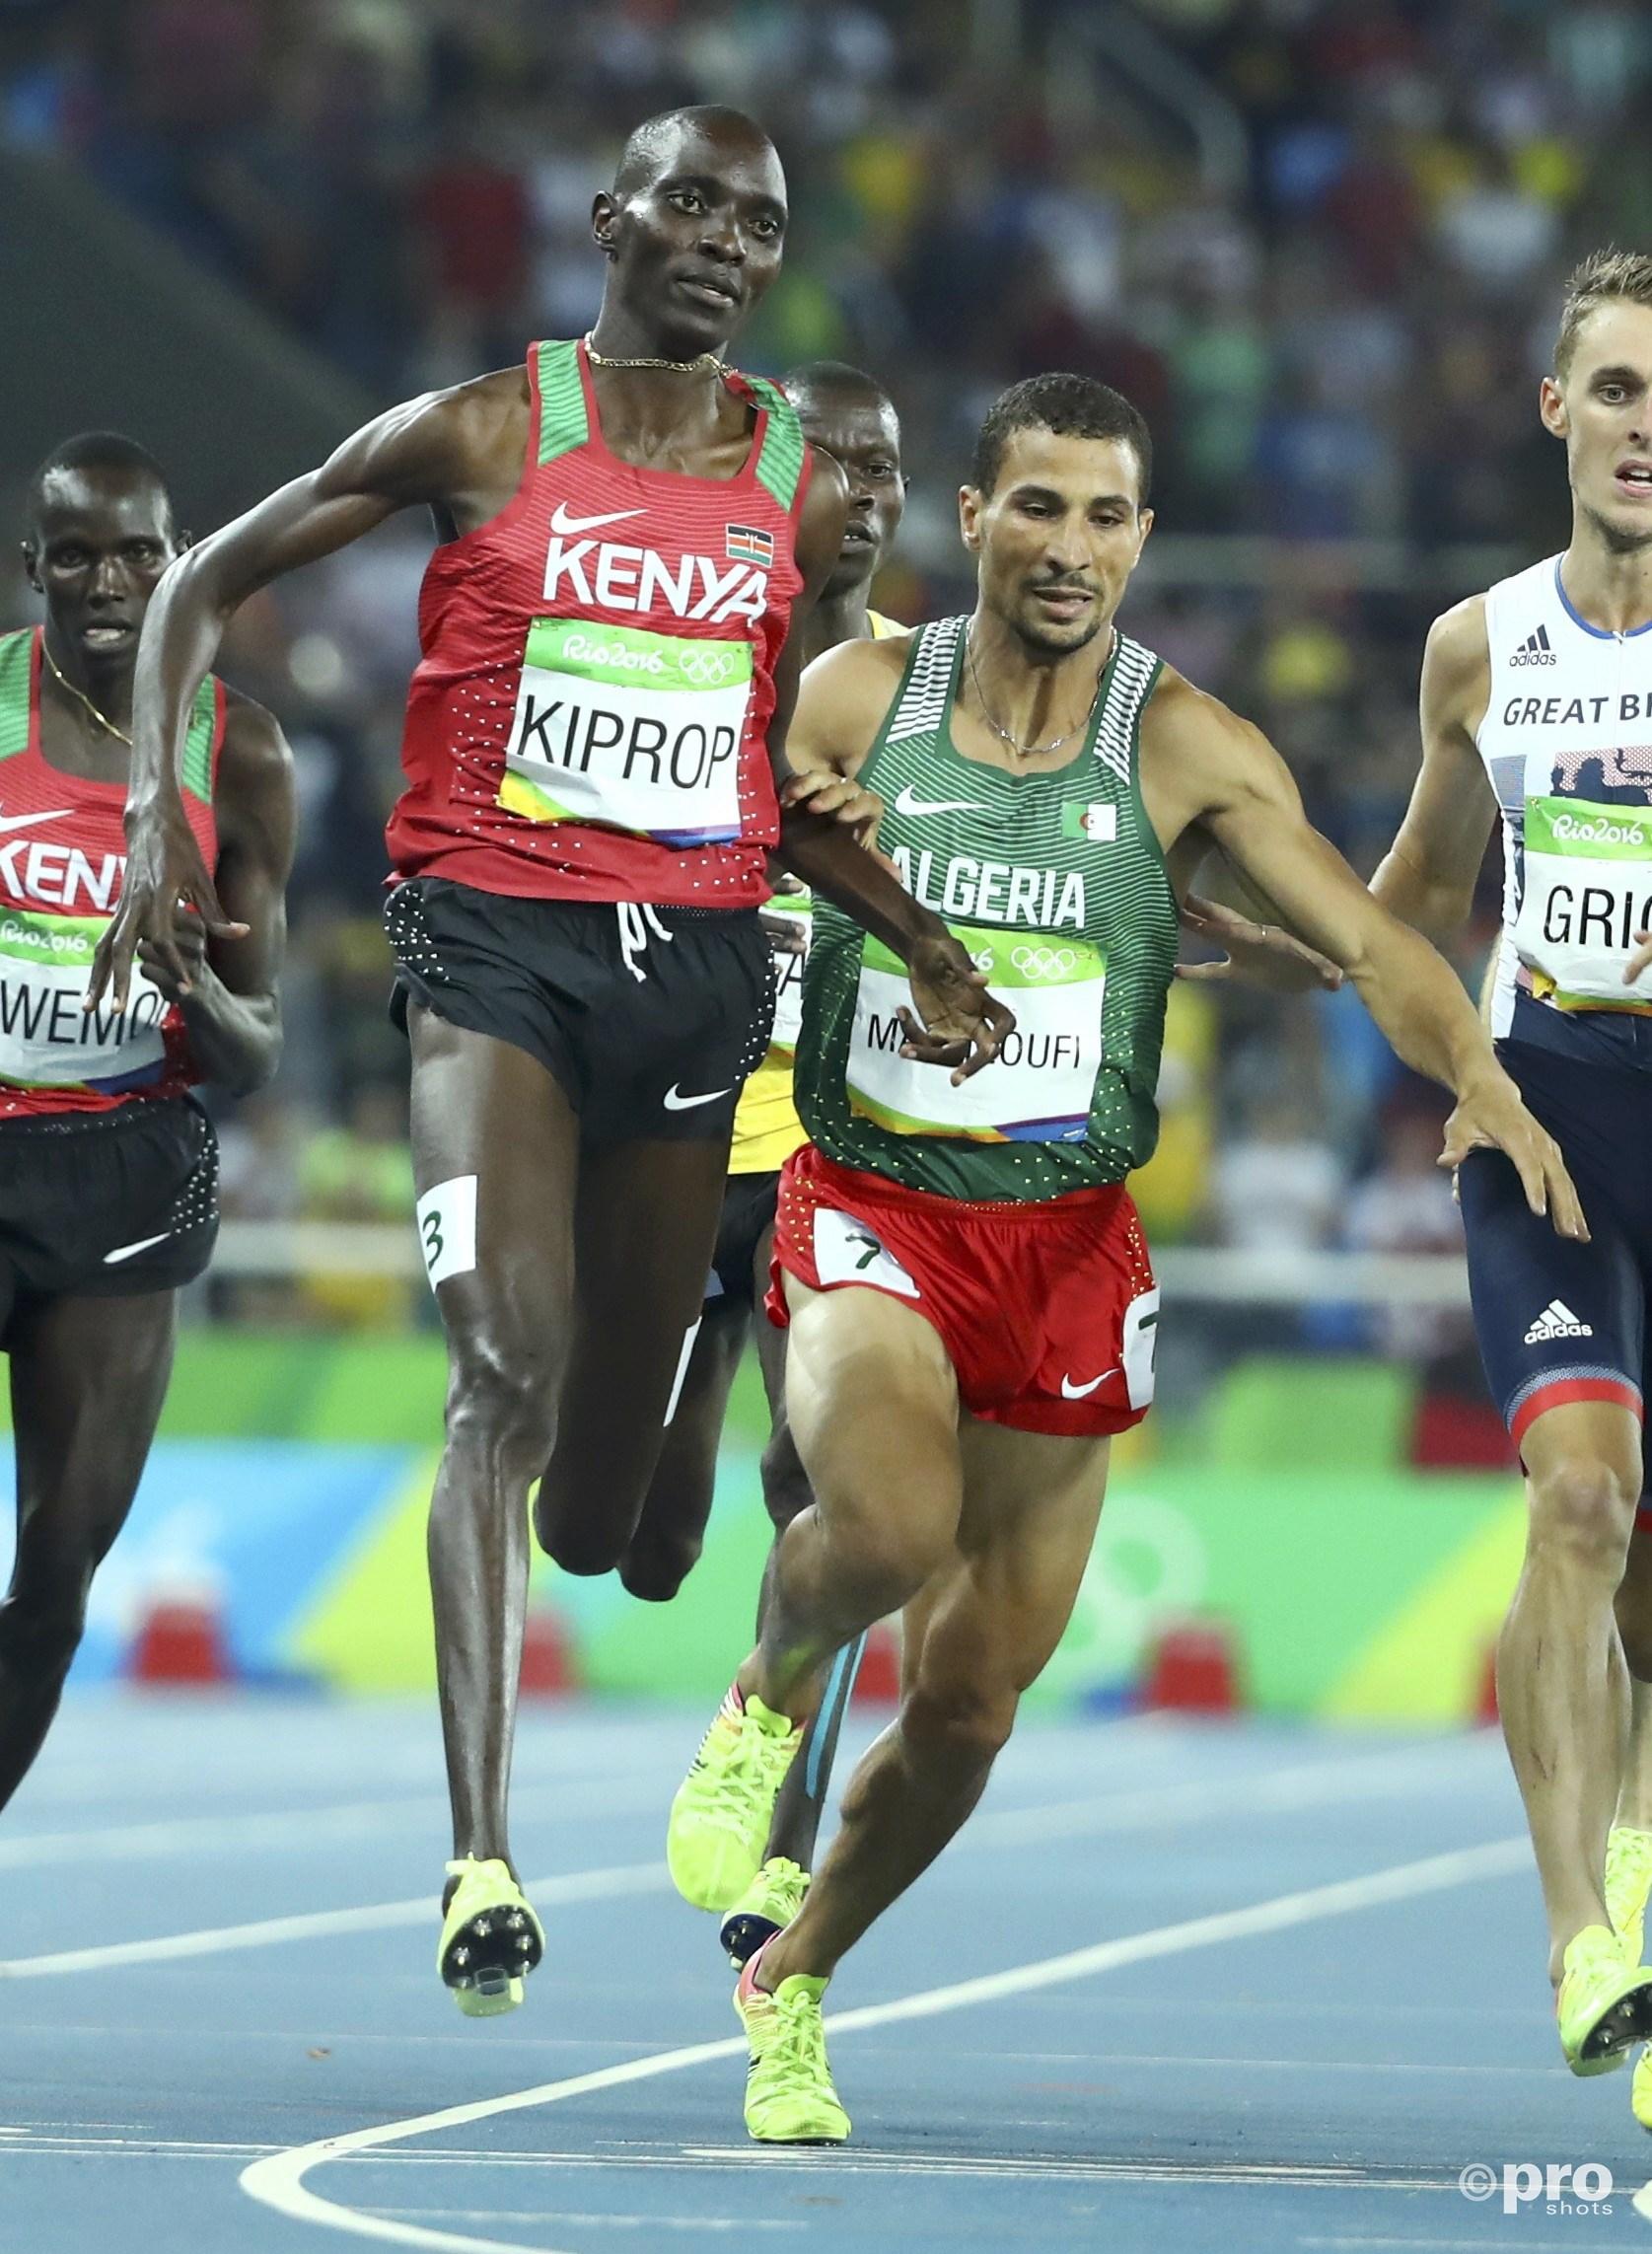 Asbel Kiprop gaat voor zijn vierde wereldtitel op rij, wat op een competitieve afstand als de 1500m een bizarre prestatie zou zijn (Pro Shots/Action Images)